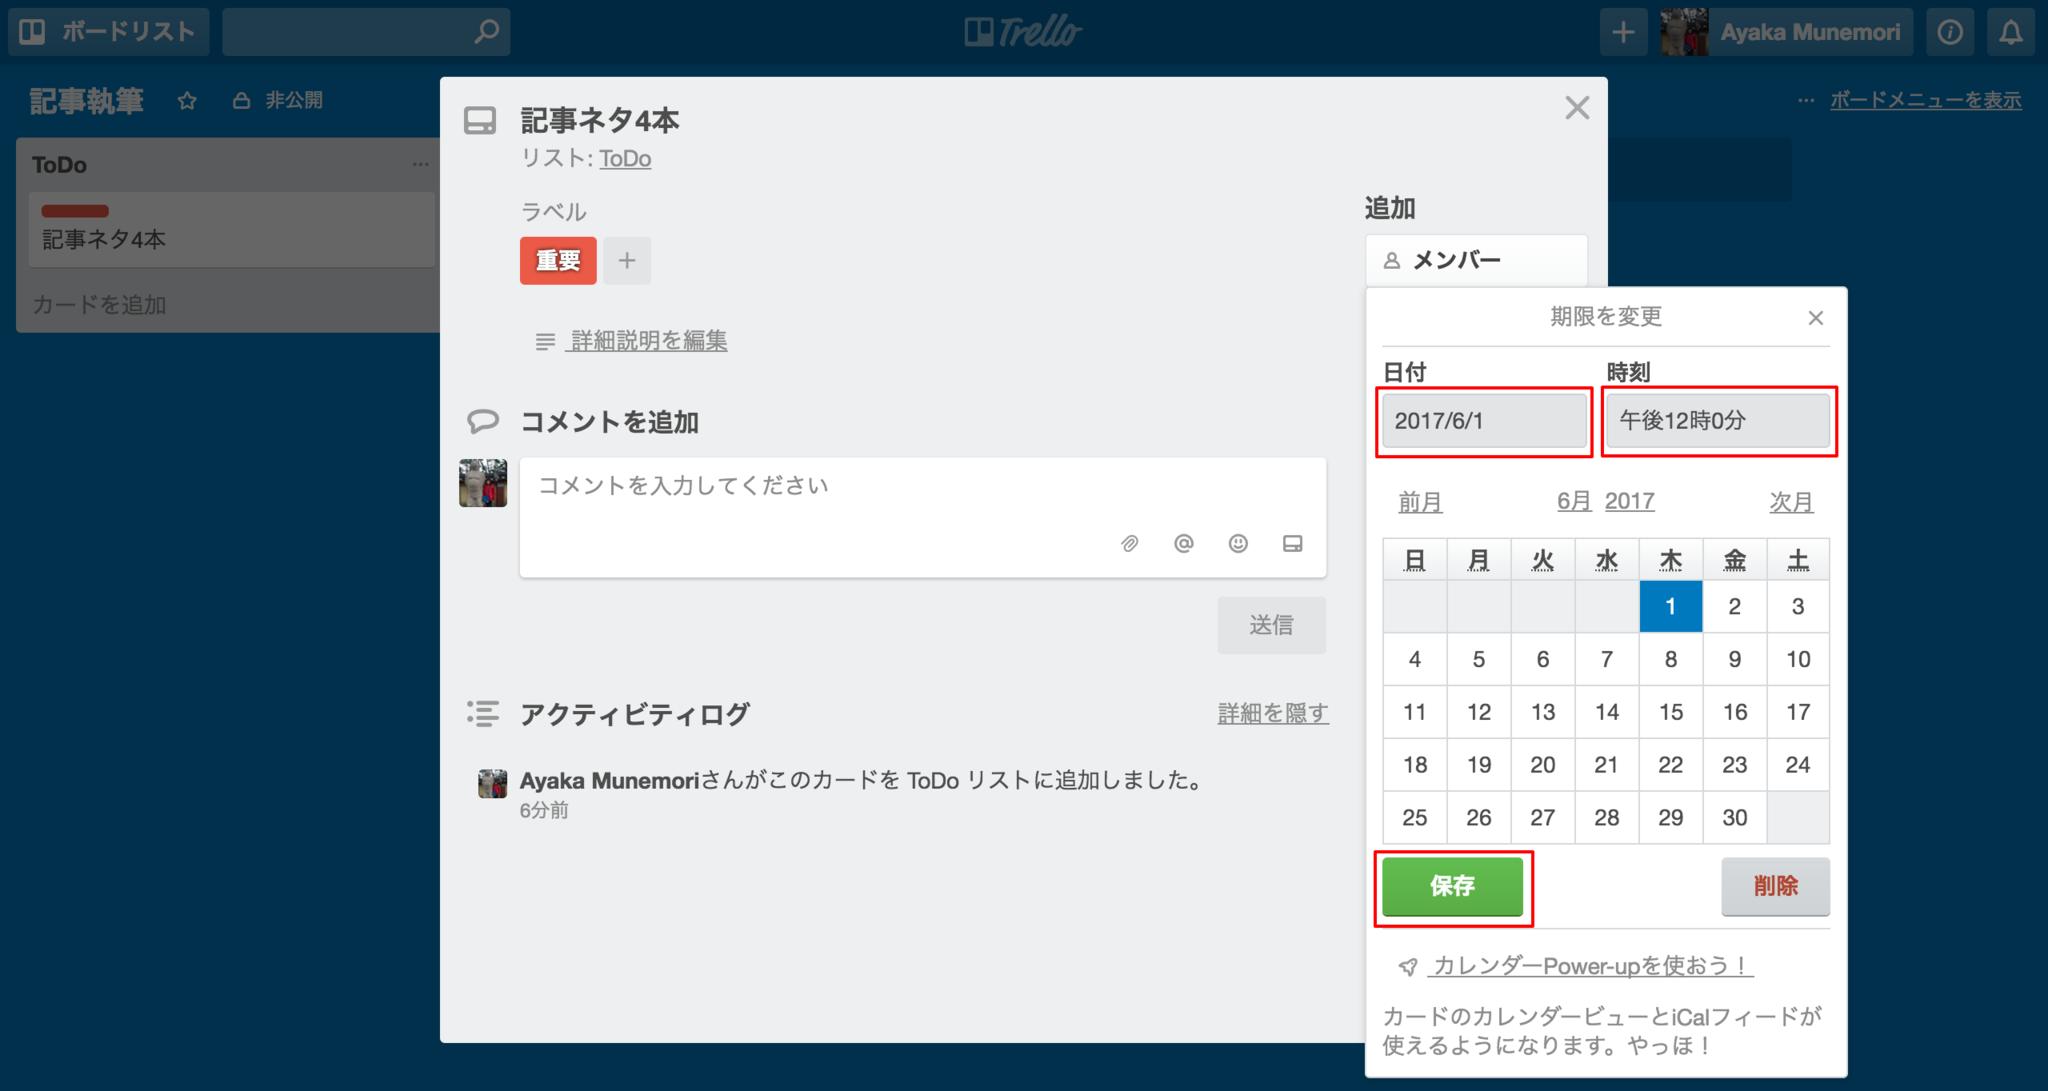 記事執筆の記事ネタ4本___Trello_(1).png